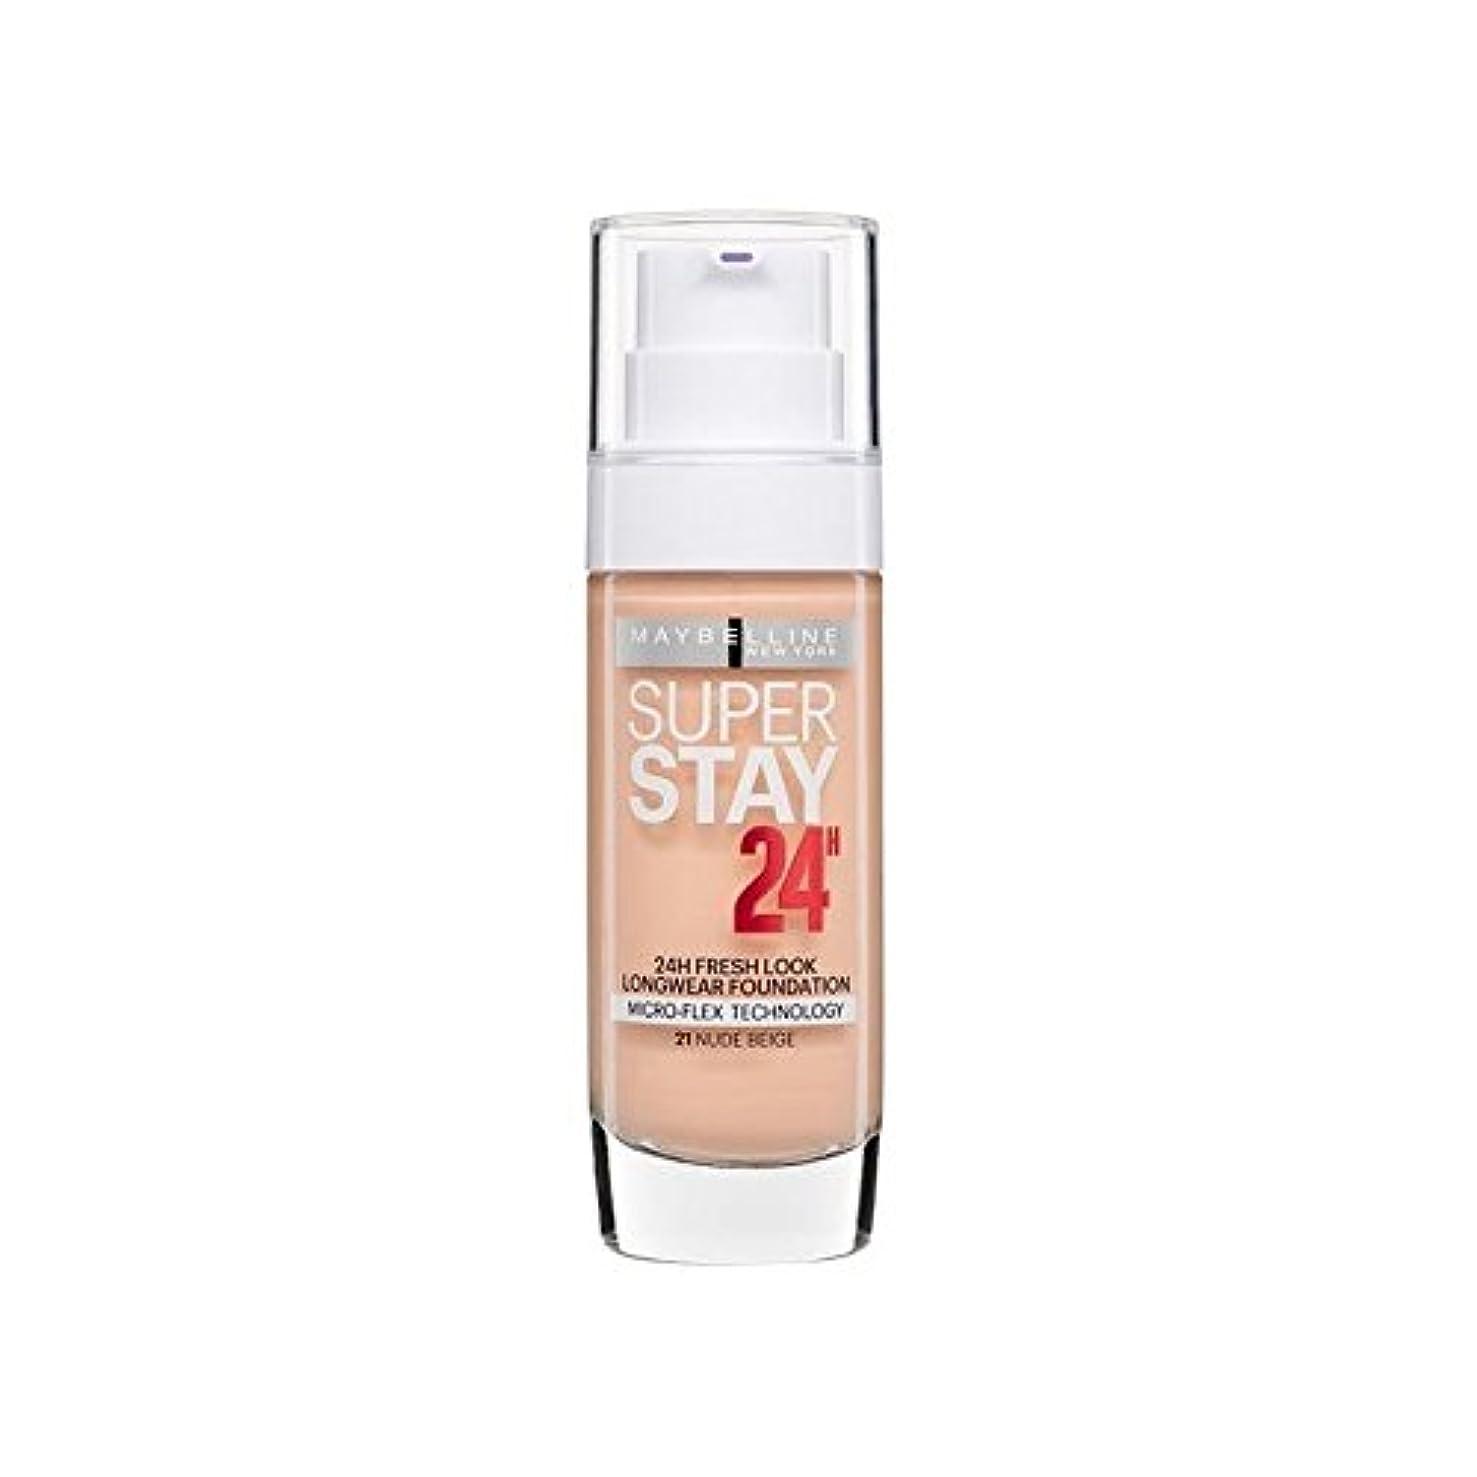 エンジニアさせる地区Maybelline SuperStay 24h Liquid Foundation Nude Beige 30ml - メイベリンの24時間リキッドファンデーションヌードベージュ30ミリリットル [並行輸入品]